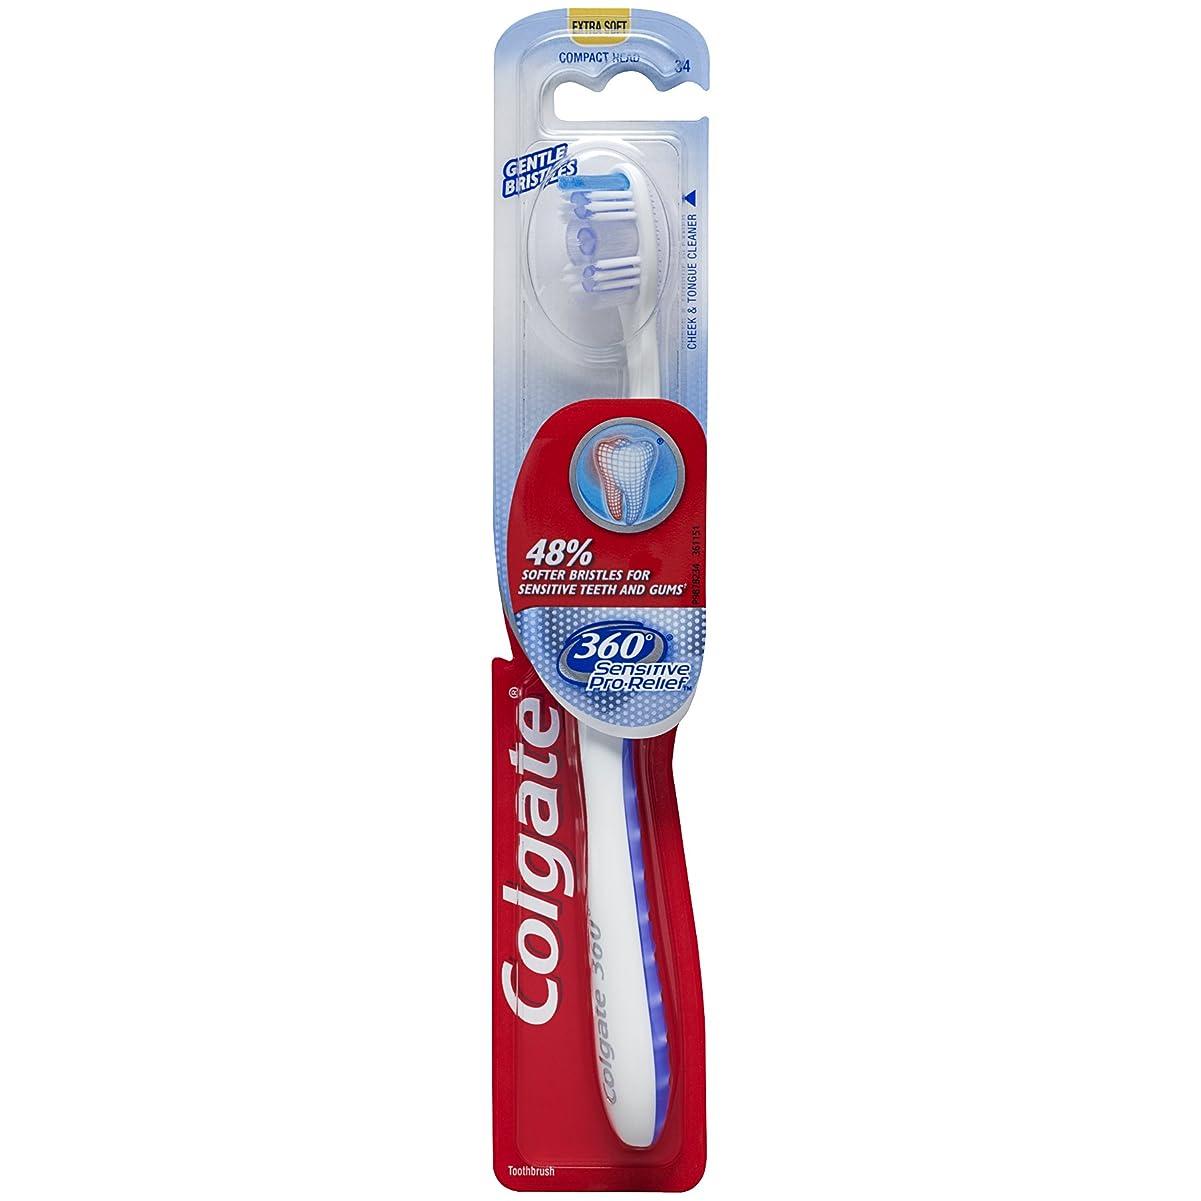 嘆願メロディー虫を数えるColgate 360機密性の高いプロの救済スリム歯ブラシ、エクストラソフト(色は異なります)